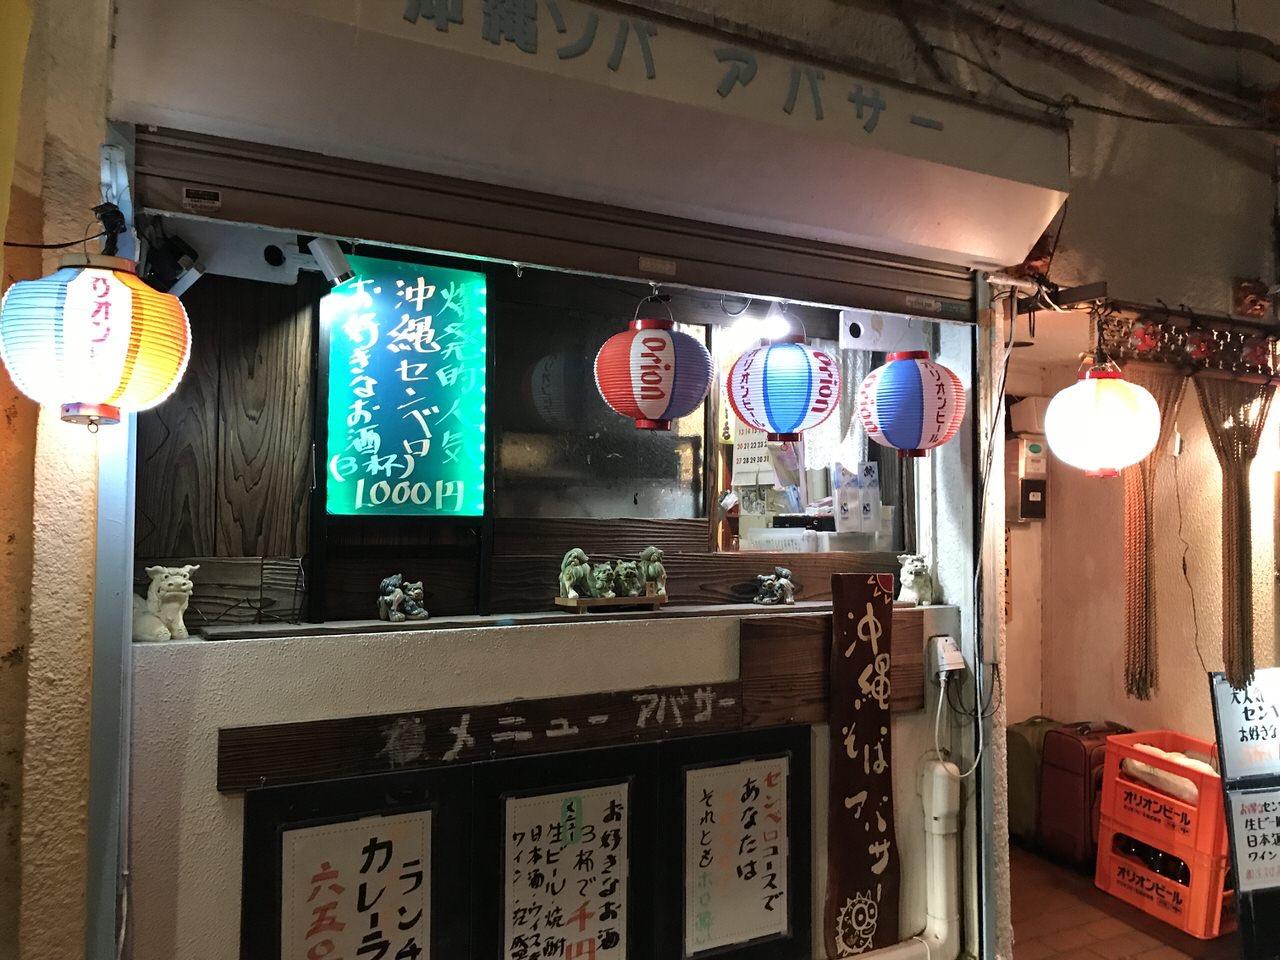 沖縄料理店「アバサー」